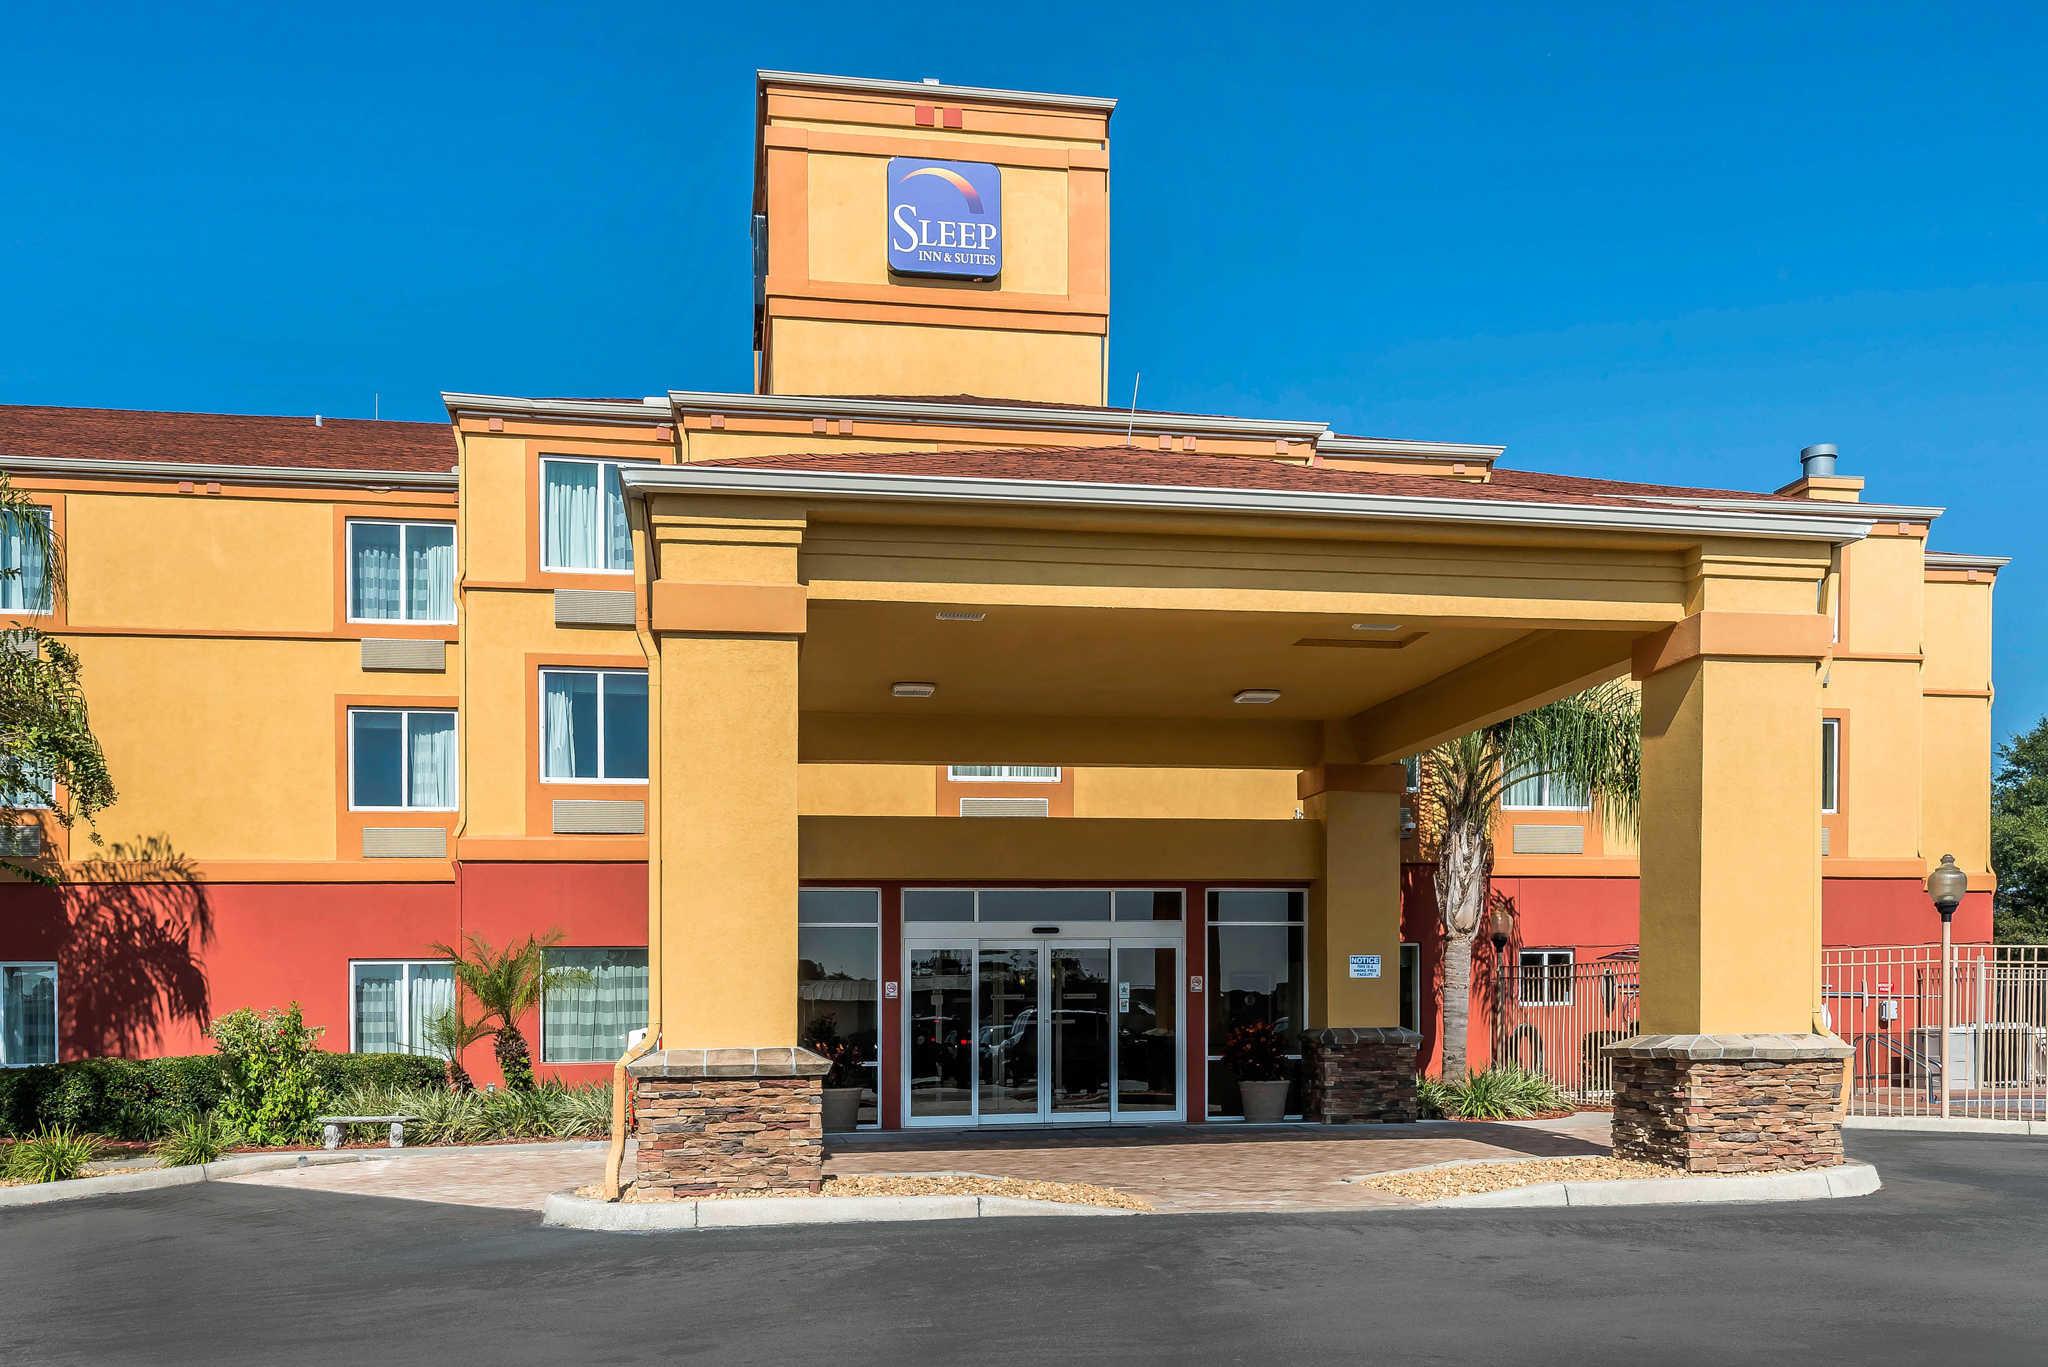 Sleep Inn & Suites Ocala - Belleview image 3